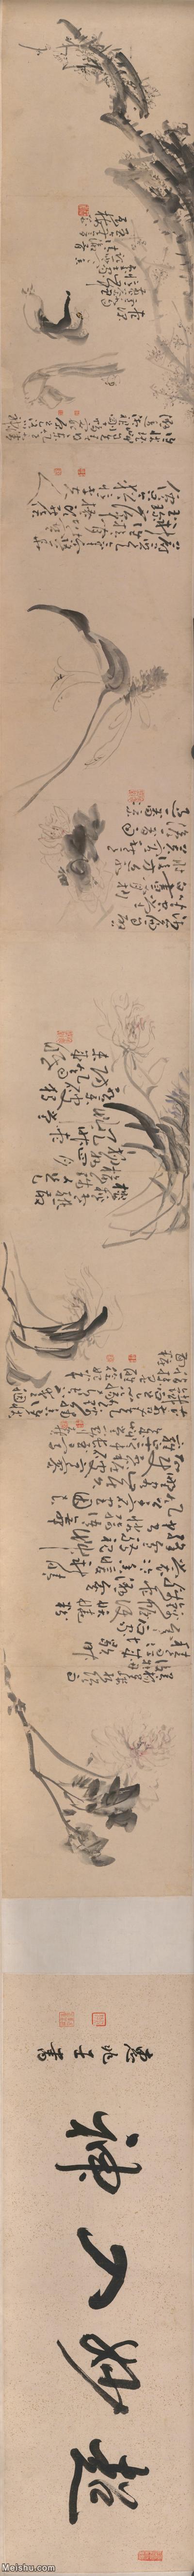 【打印级】GH7271140古画花卉图长卷图片-194M-29976X2262.jpg